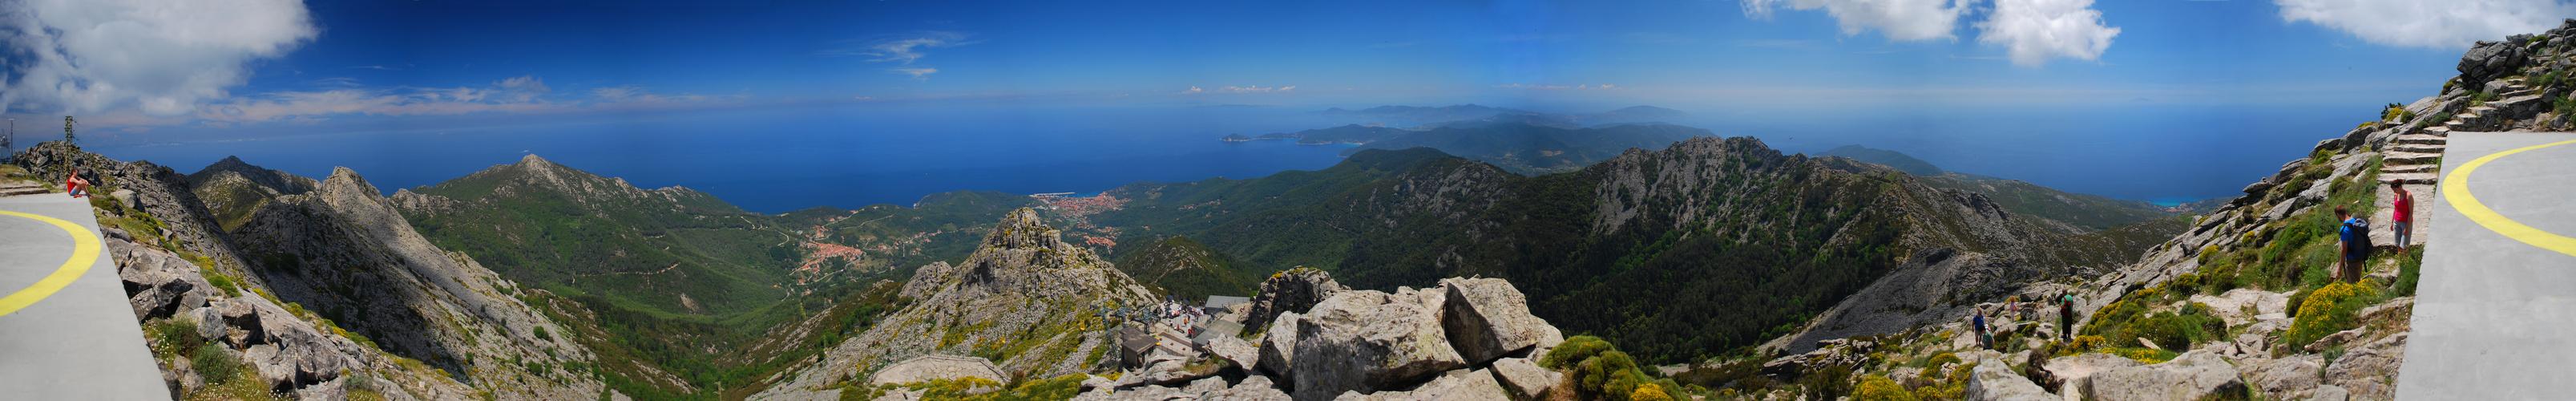 Monte Capane - Elba